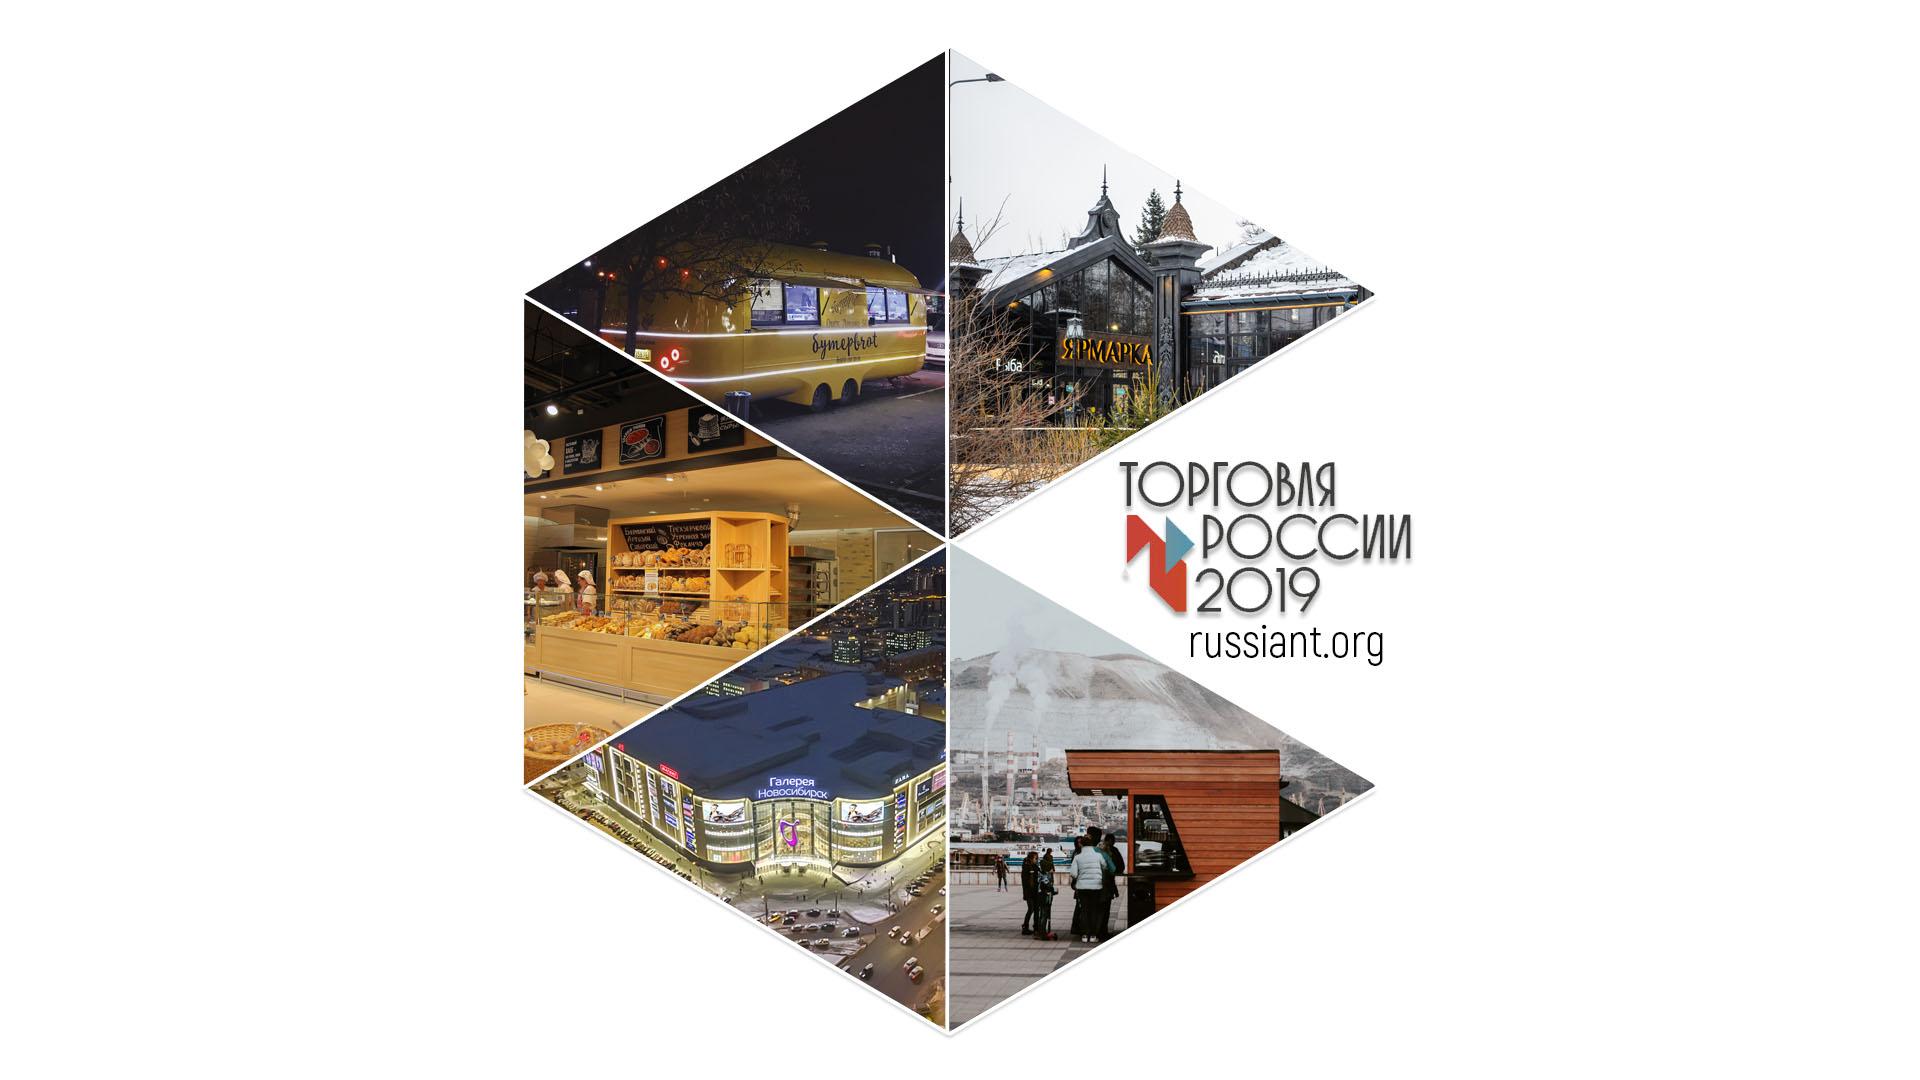 Итоги конкурса «Торговля России» будут подведены 17 мая